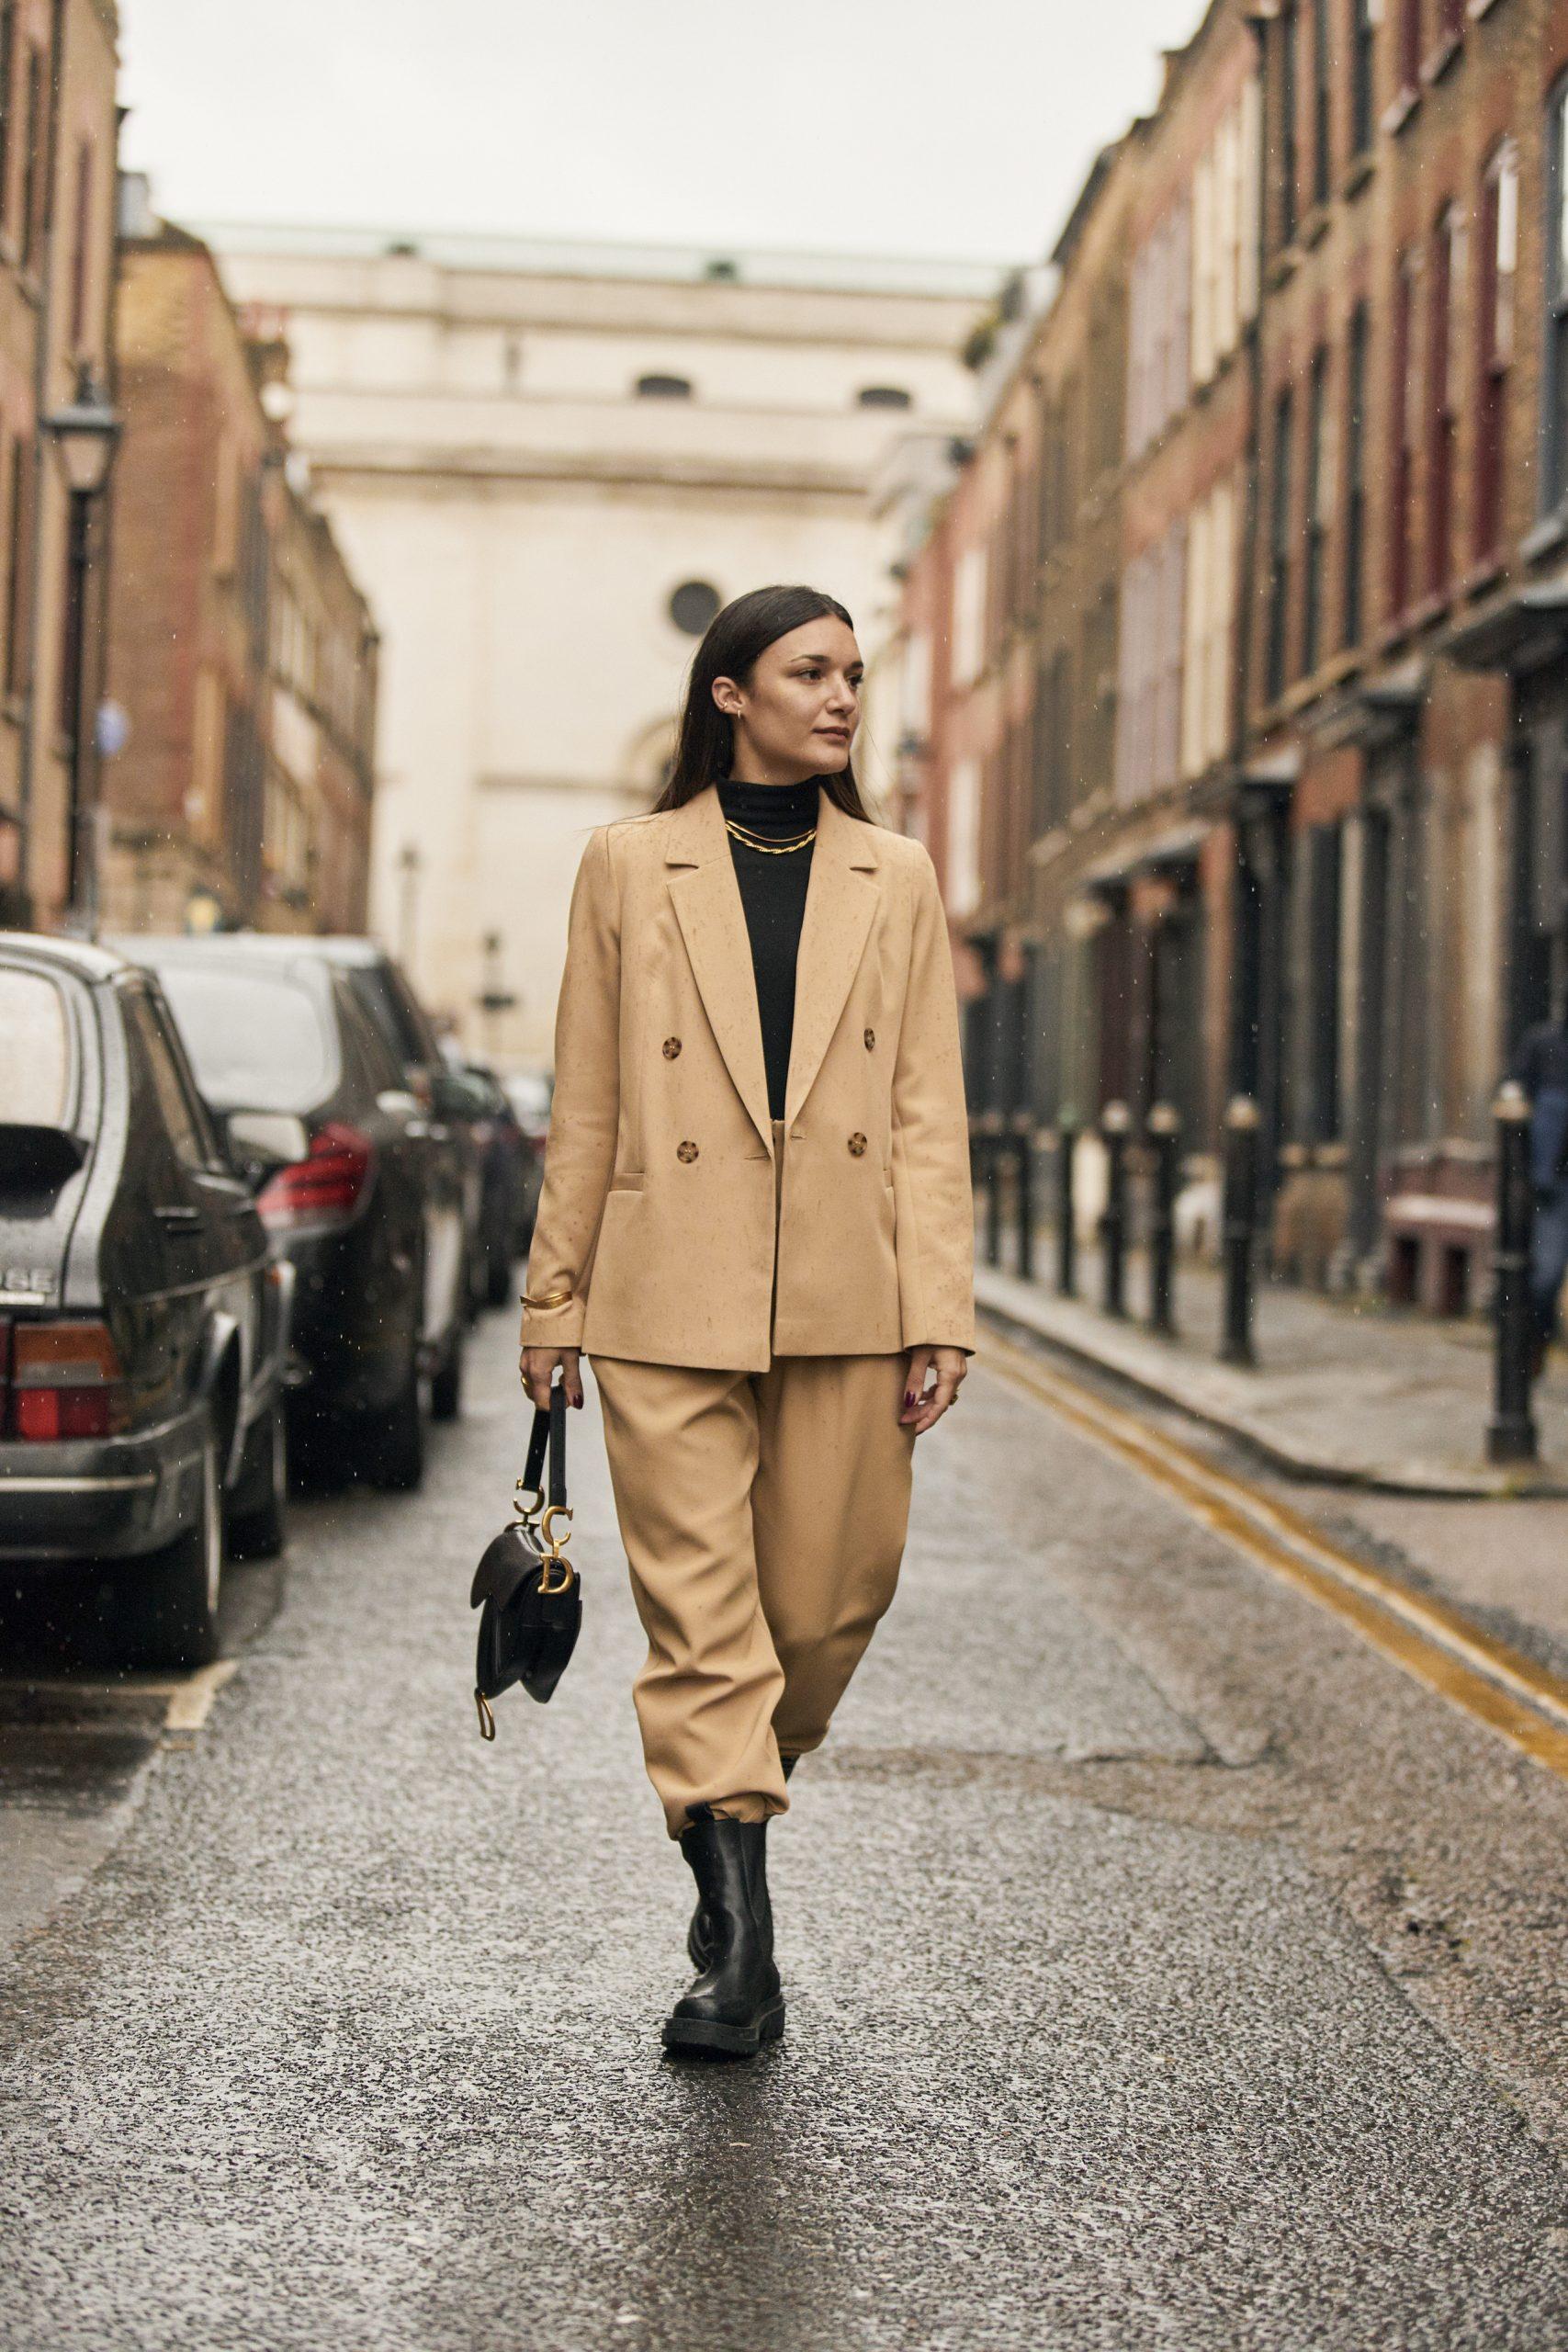 Una de las asistentes a la Semana de la Moda de Londres/Foto: Imaxtree.